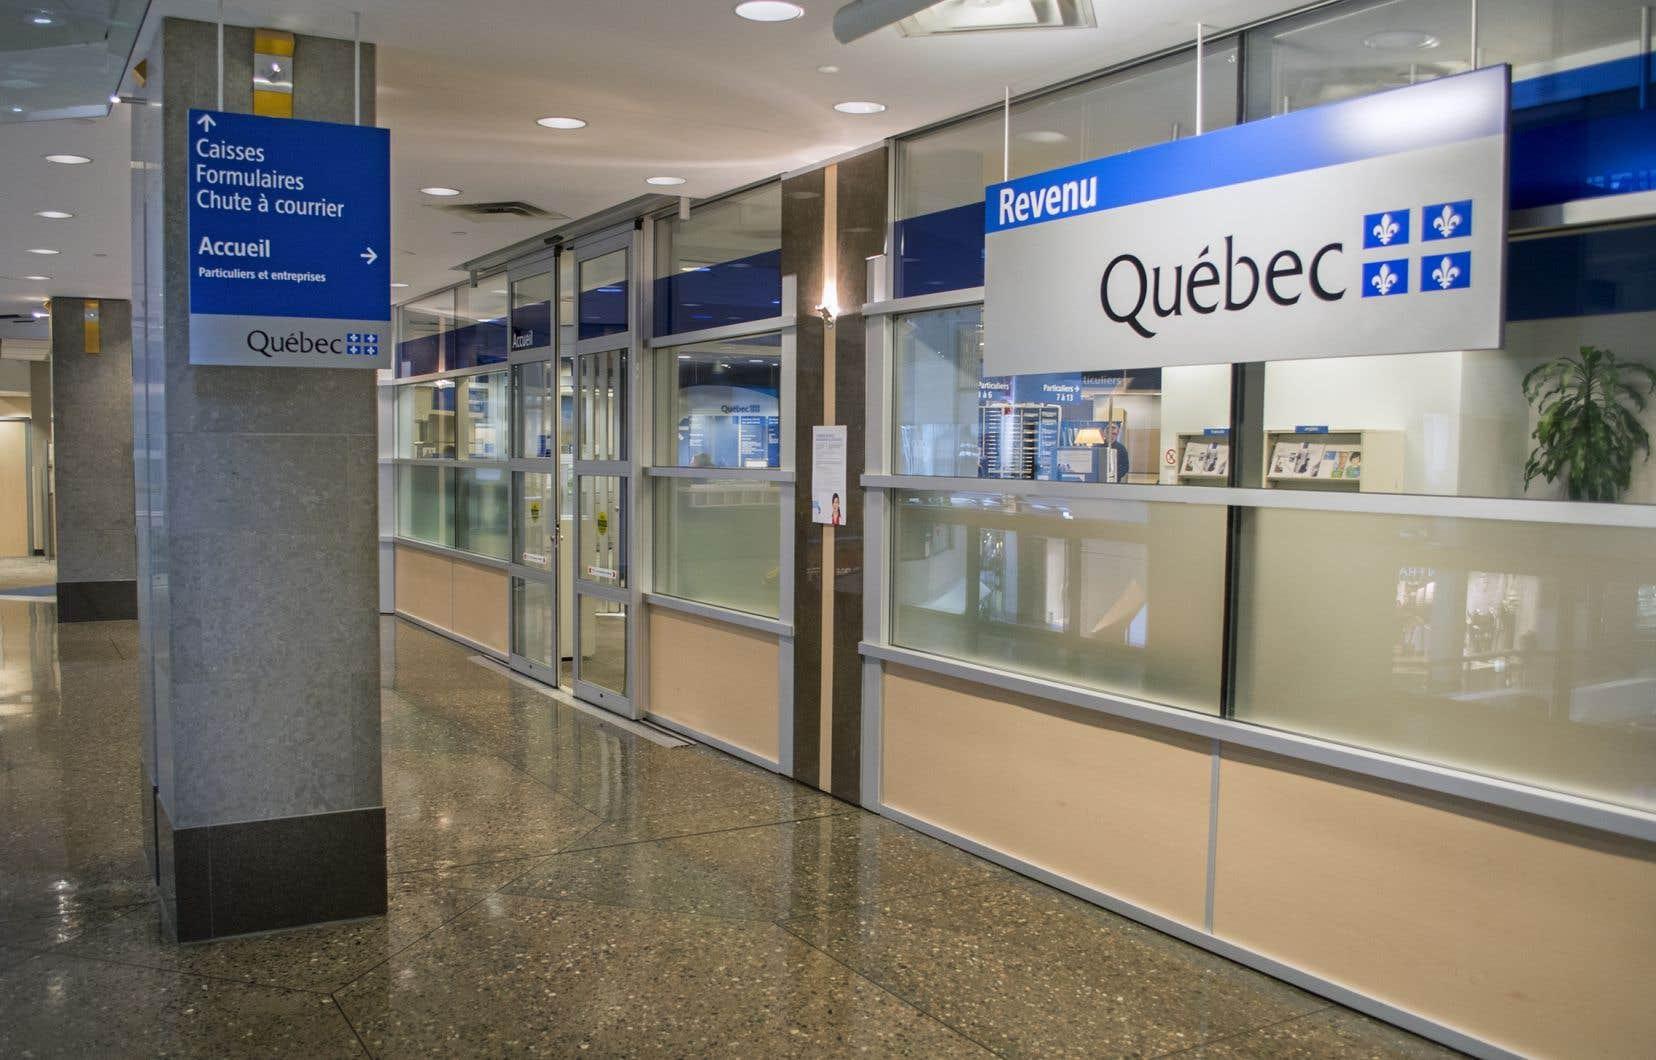 «Le plan d'action gouvernemental ne permet pas de cibler les bénéficiaires ultimes des sociétés étrangères anonymes dotées d'une filiale au Québec, qui profitent des paradis fiscaux en toute quiétude», selon les auteurs.